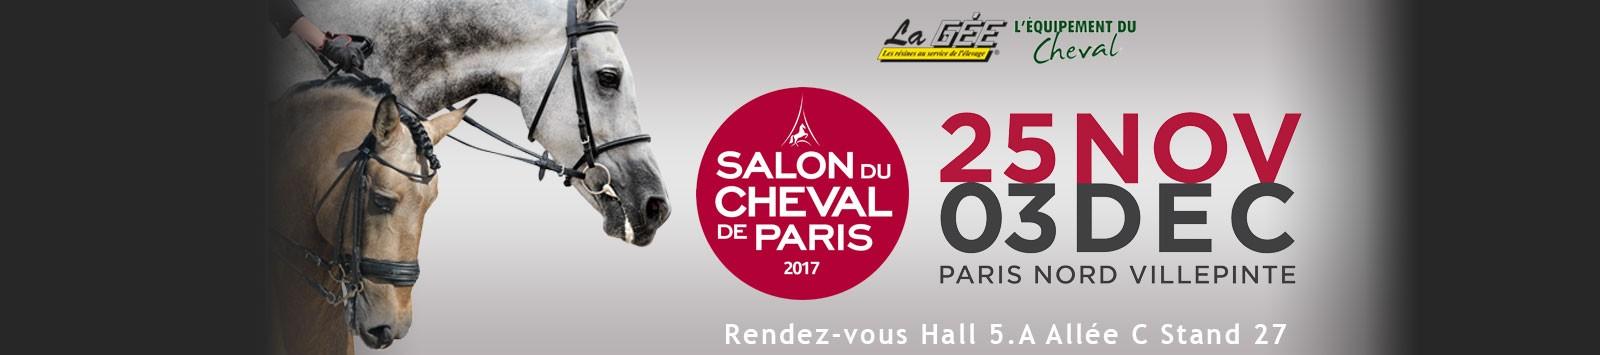 Salon du cheval de Paris 2017